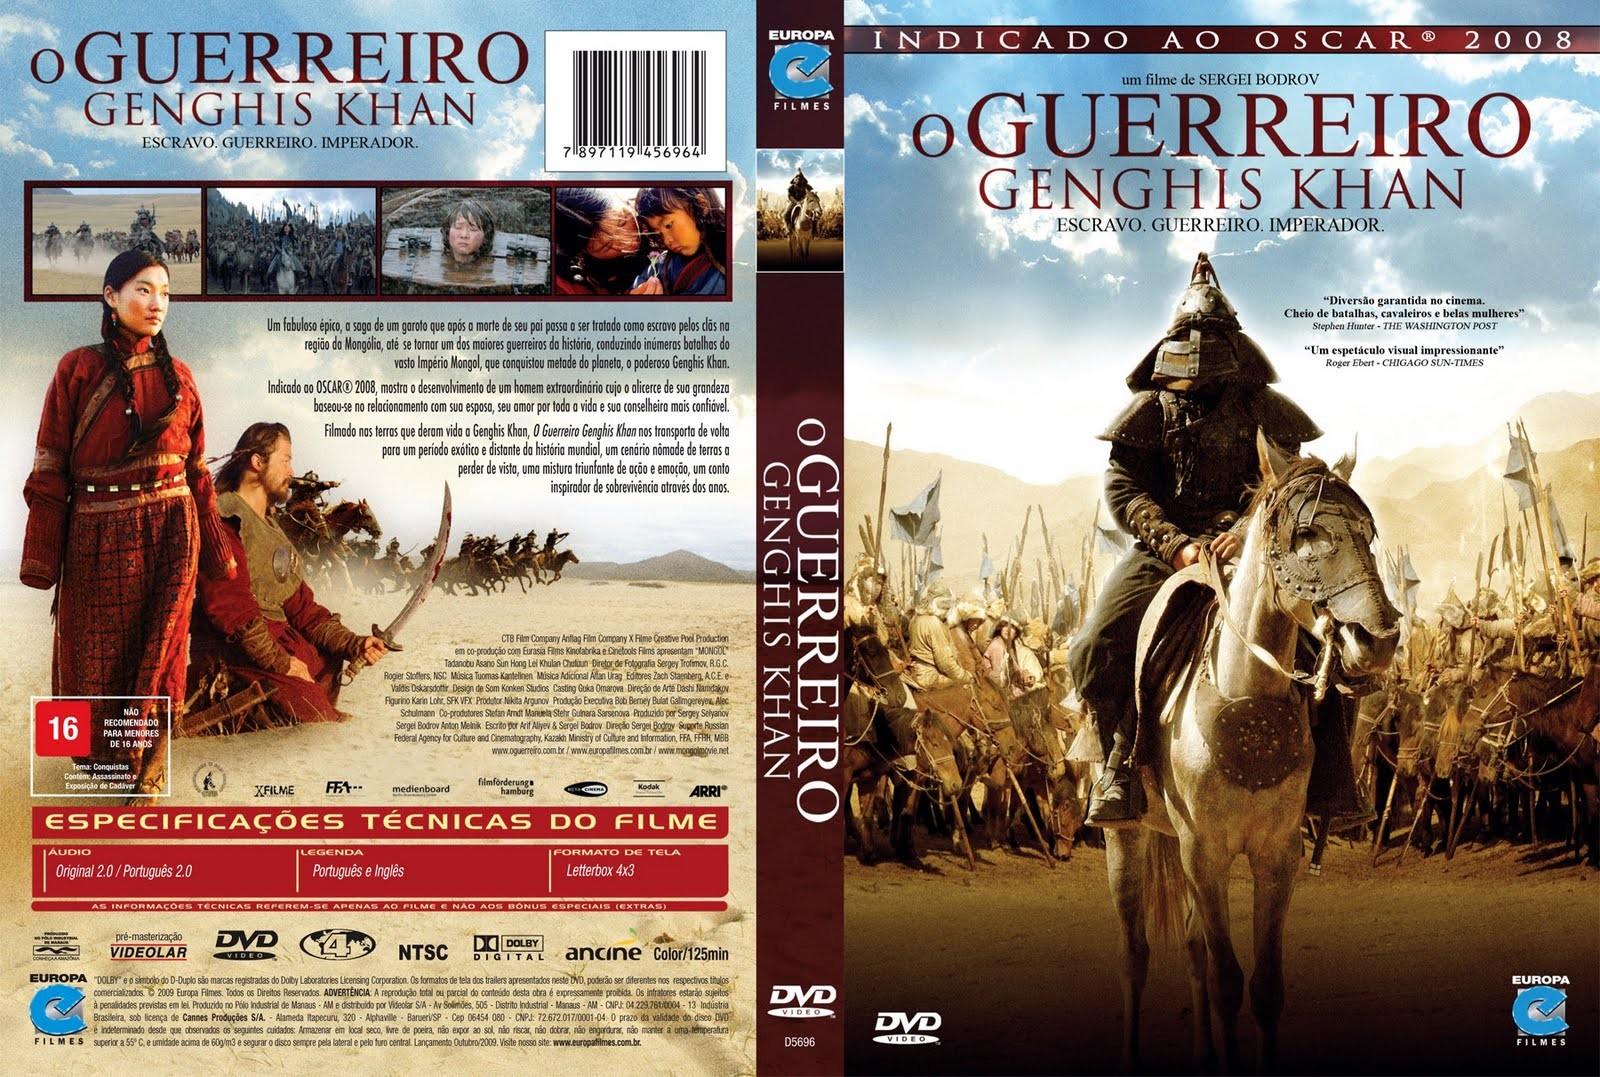 O Guerreiro – (Genghis Khan / Mongol) 2007 [DVDrip,DVDR] Grátis ...